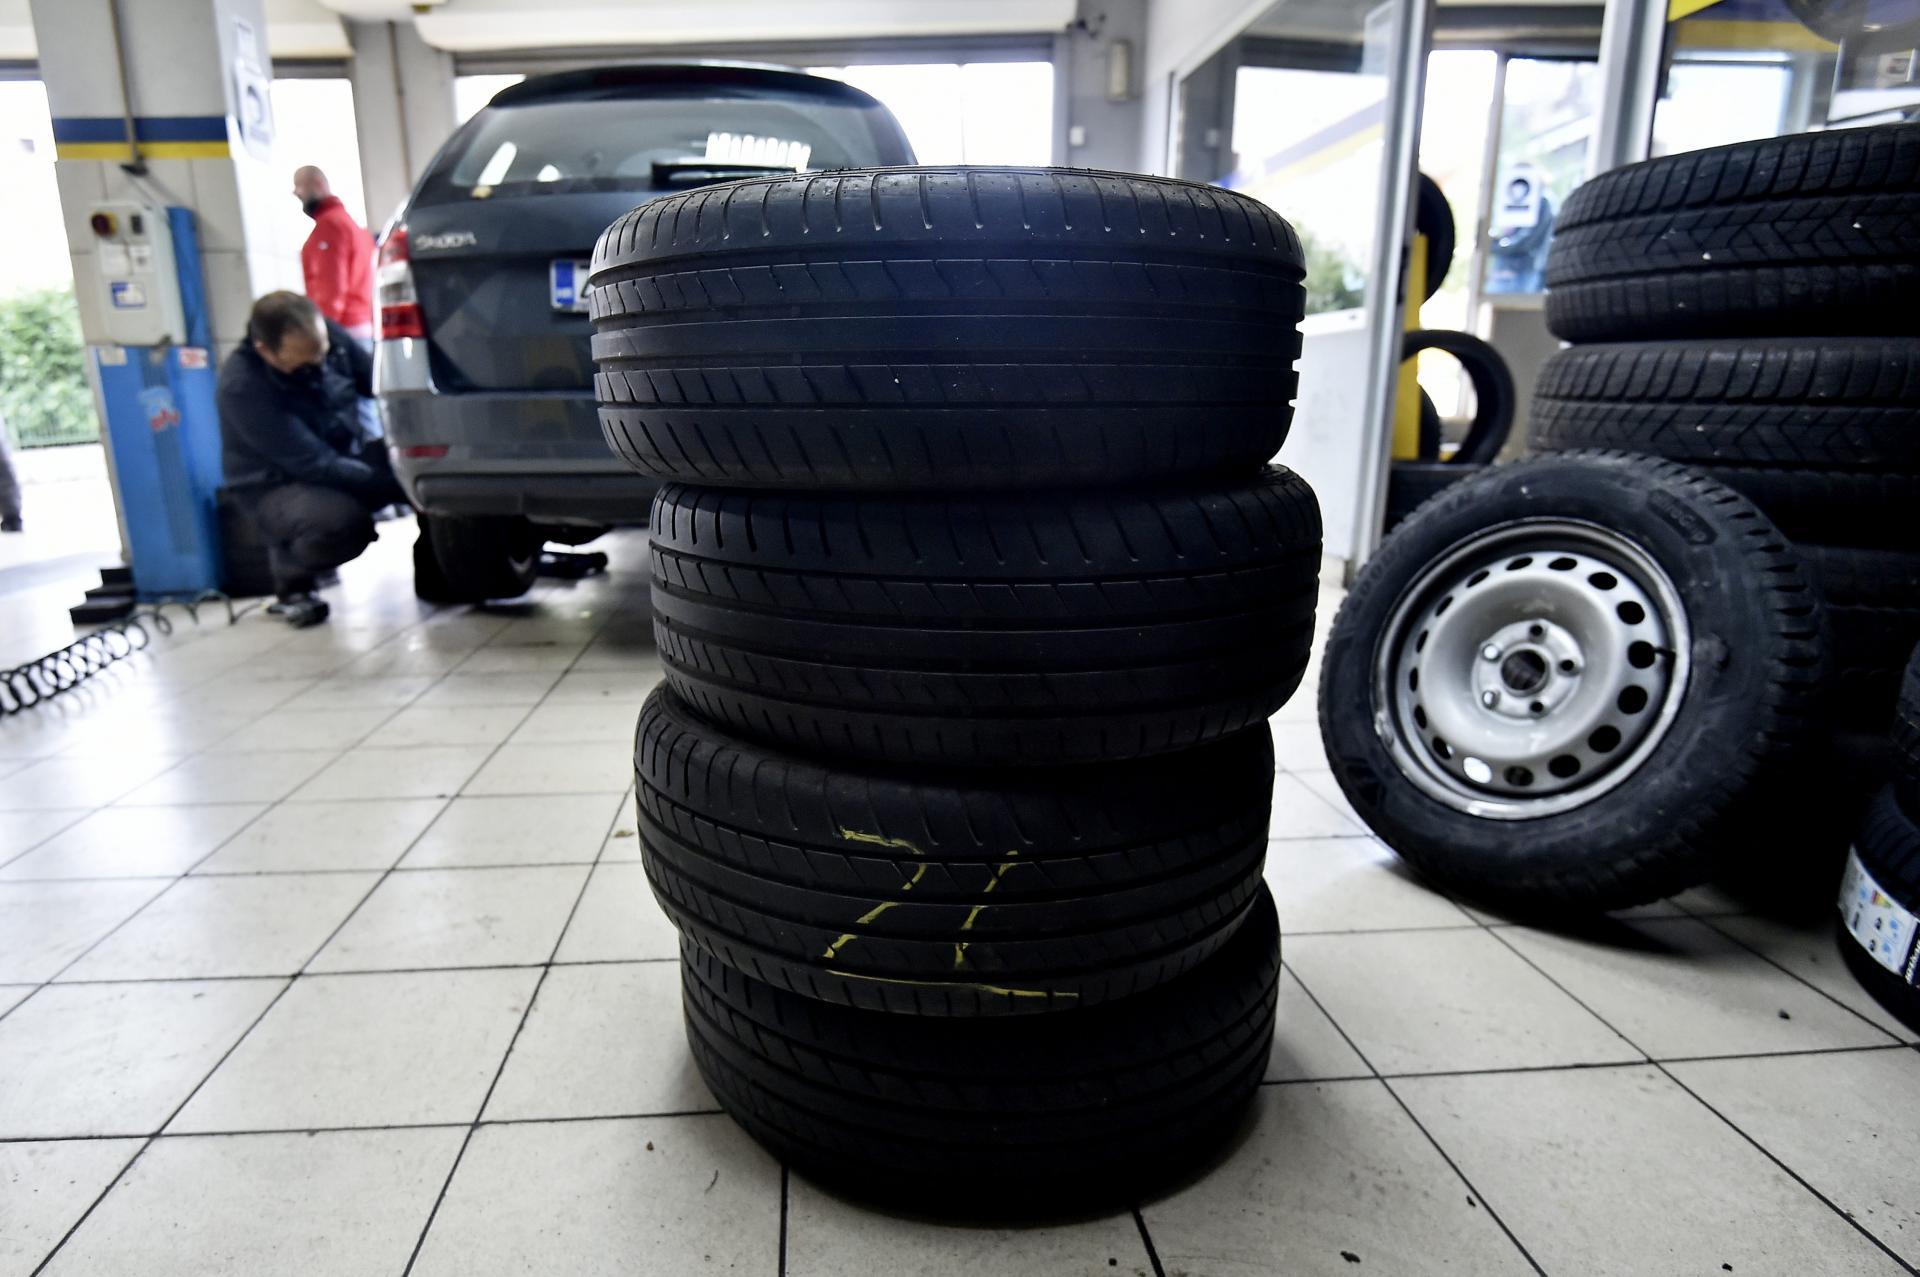 Cjelogodišnje gume na automobilu su najisplativije, ali nije sva blagodat u tome, druge su stvari bitne. Evo što kaže struka